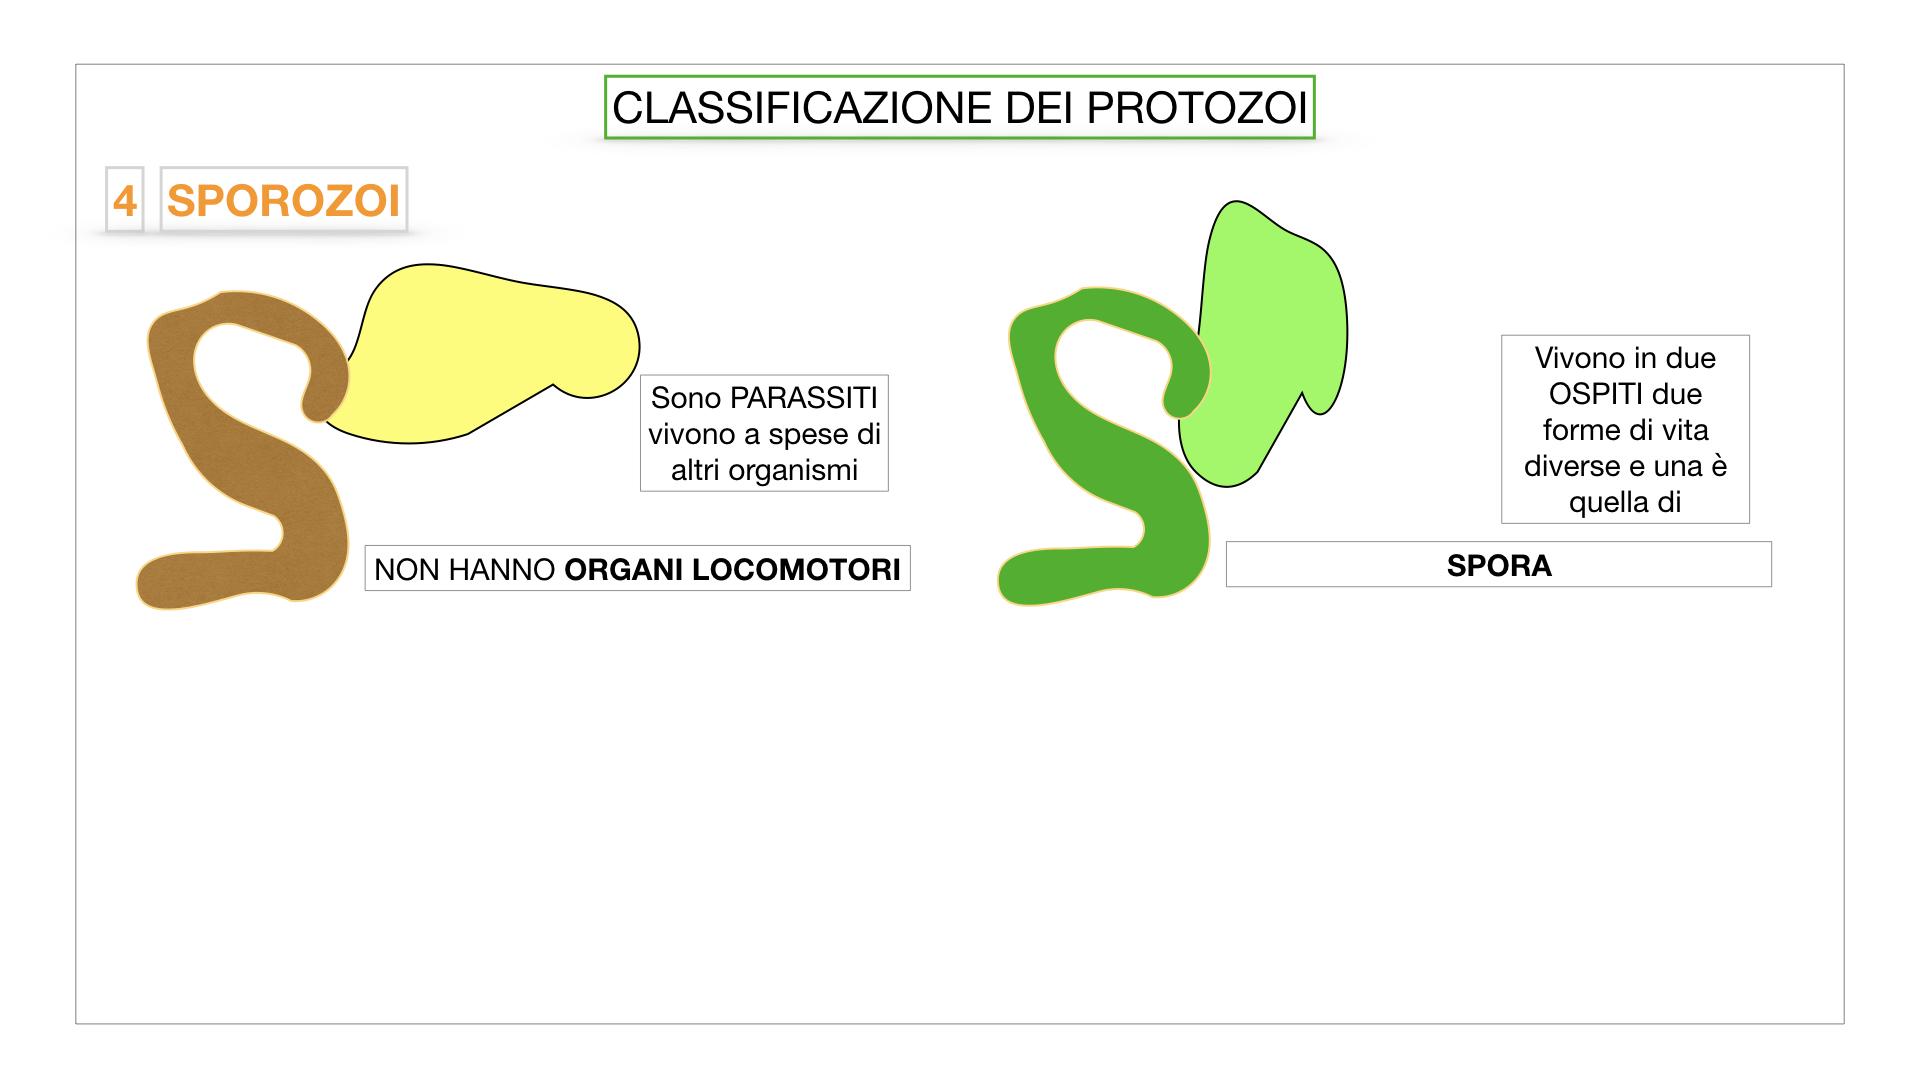 6. PROTOZOI_classificazione_SIMULAZIONE.049